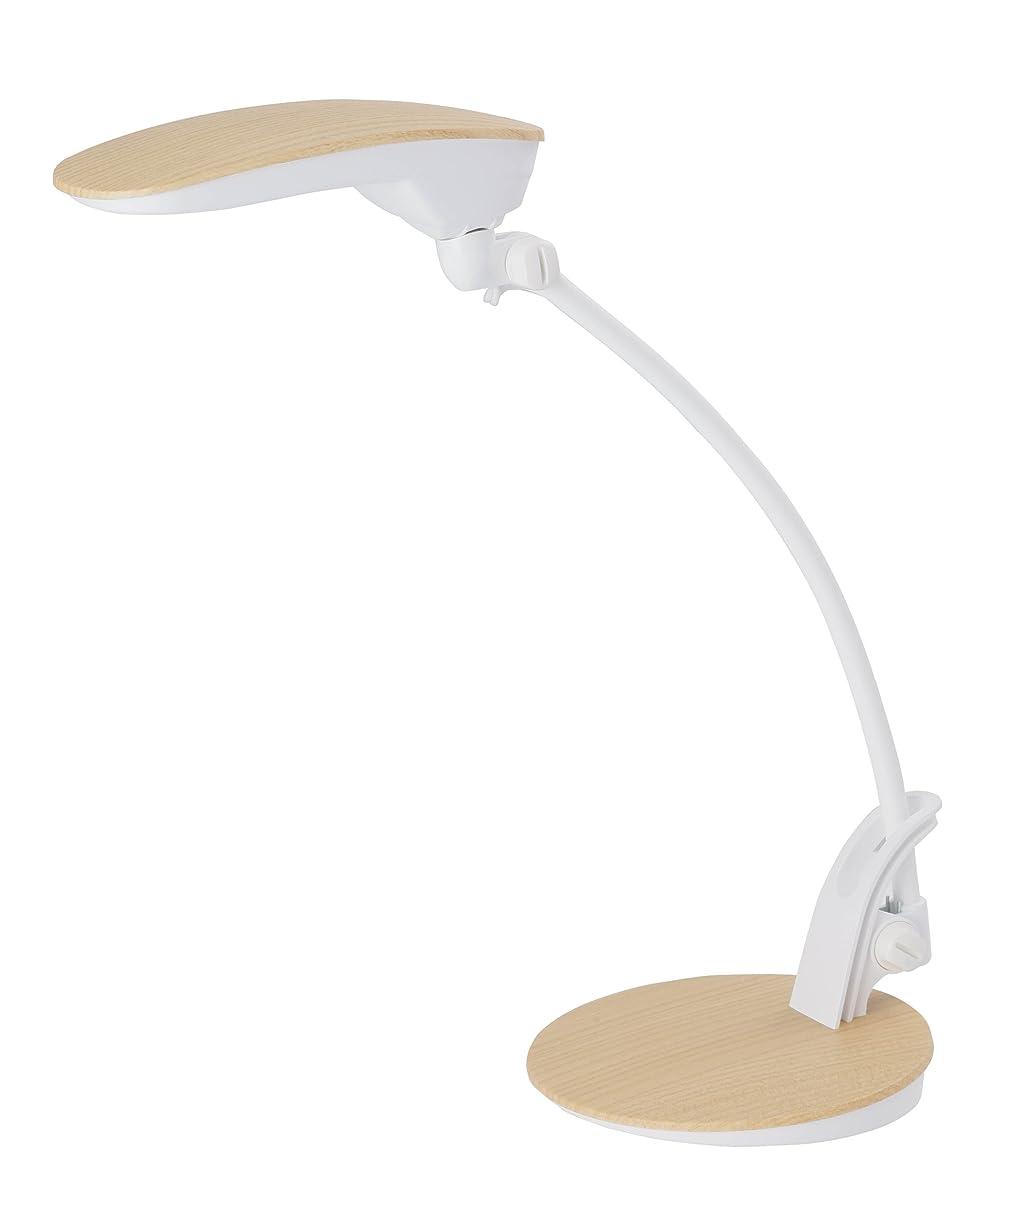 省略成功した哀れなSWAN スワン電器 Noel 卓上LEDライト 昼白色LEDタイプ ナチュラル PEX-02NA